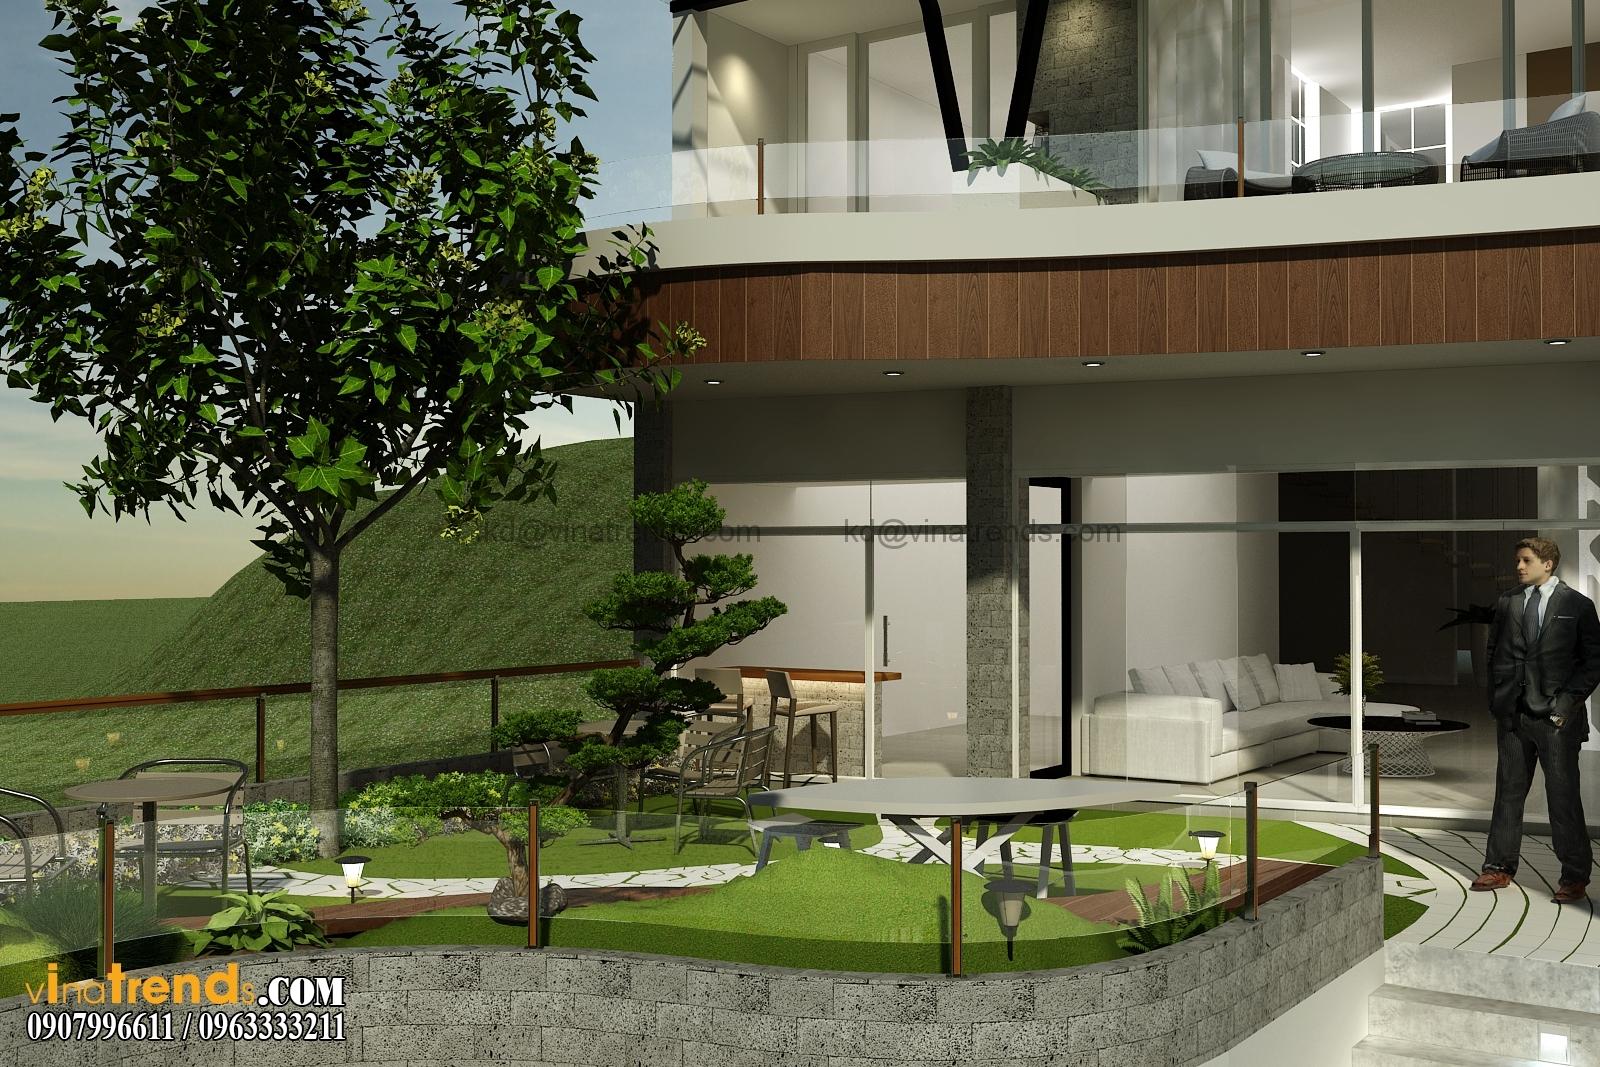 biet thu pho 2 tang 135m2 3 Đẹp với thiết kế biệt thự hiện đại 2.5 tầng anh Thiện TPHCM   BT190714A